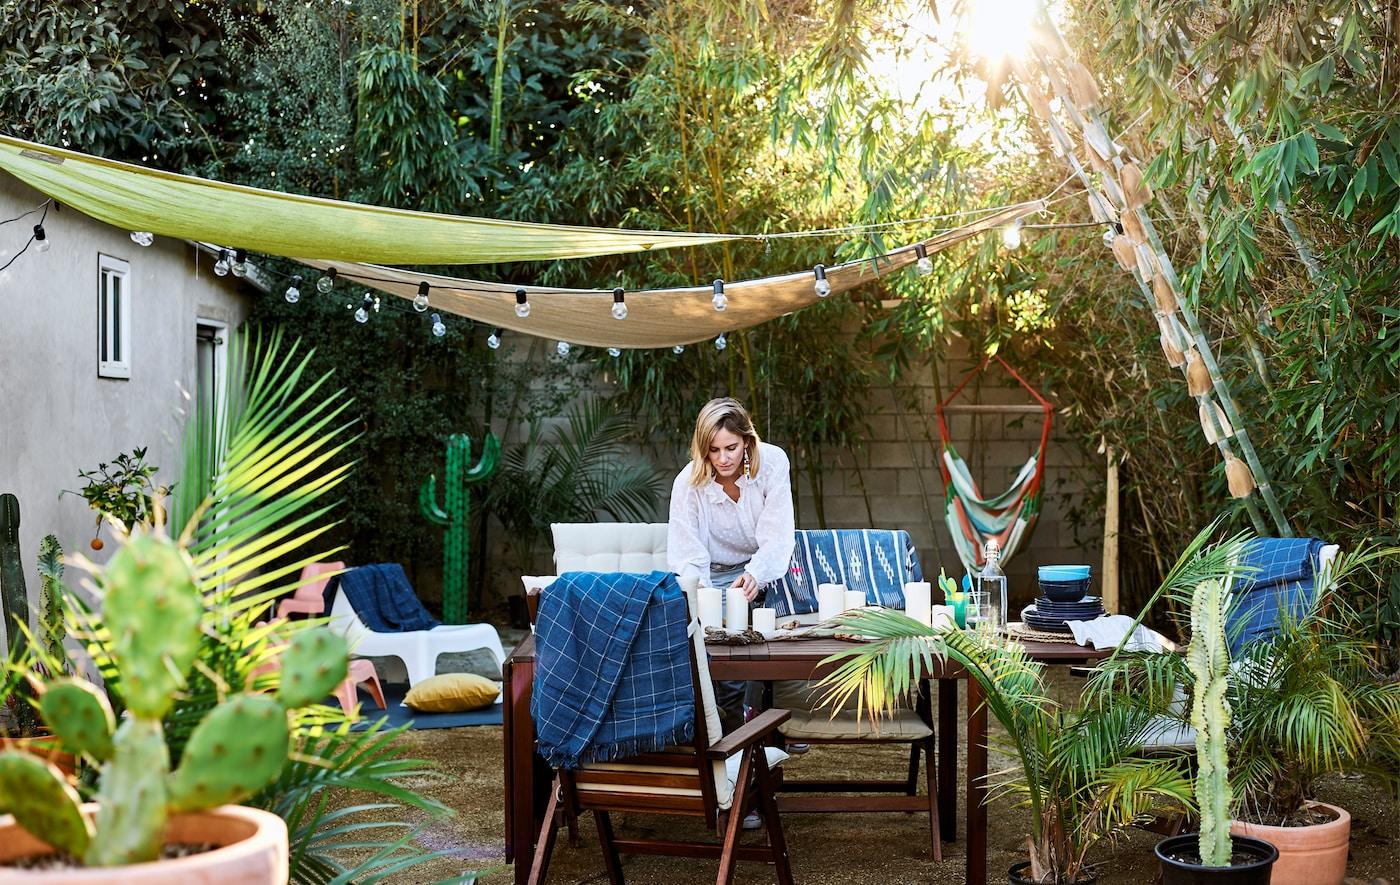 كلوي تقوم بترتيب الطاولة في الخارج في حديقتها، مع أثاث خشبي ونباتات وأشجار ومظلات مع سلاسل إضاءة.